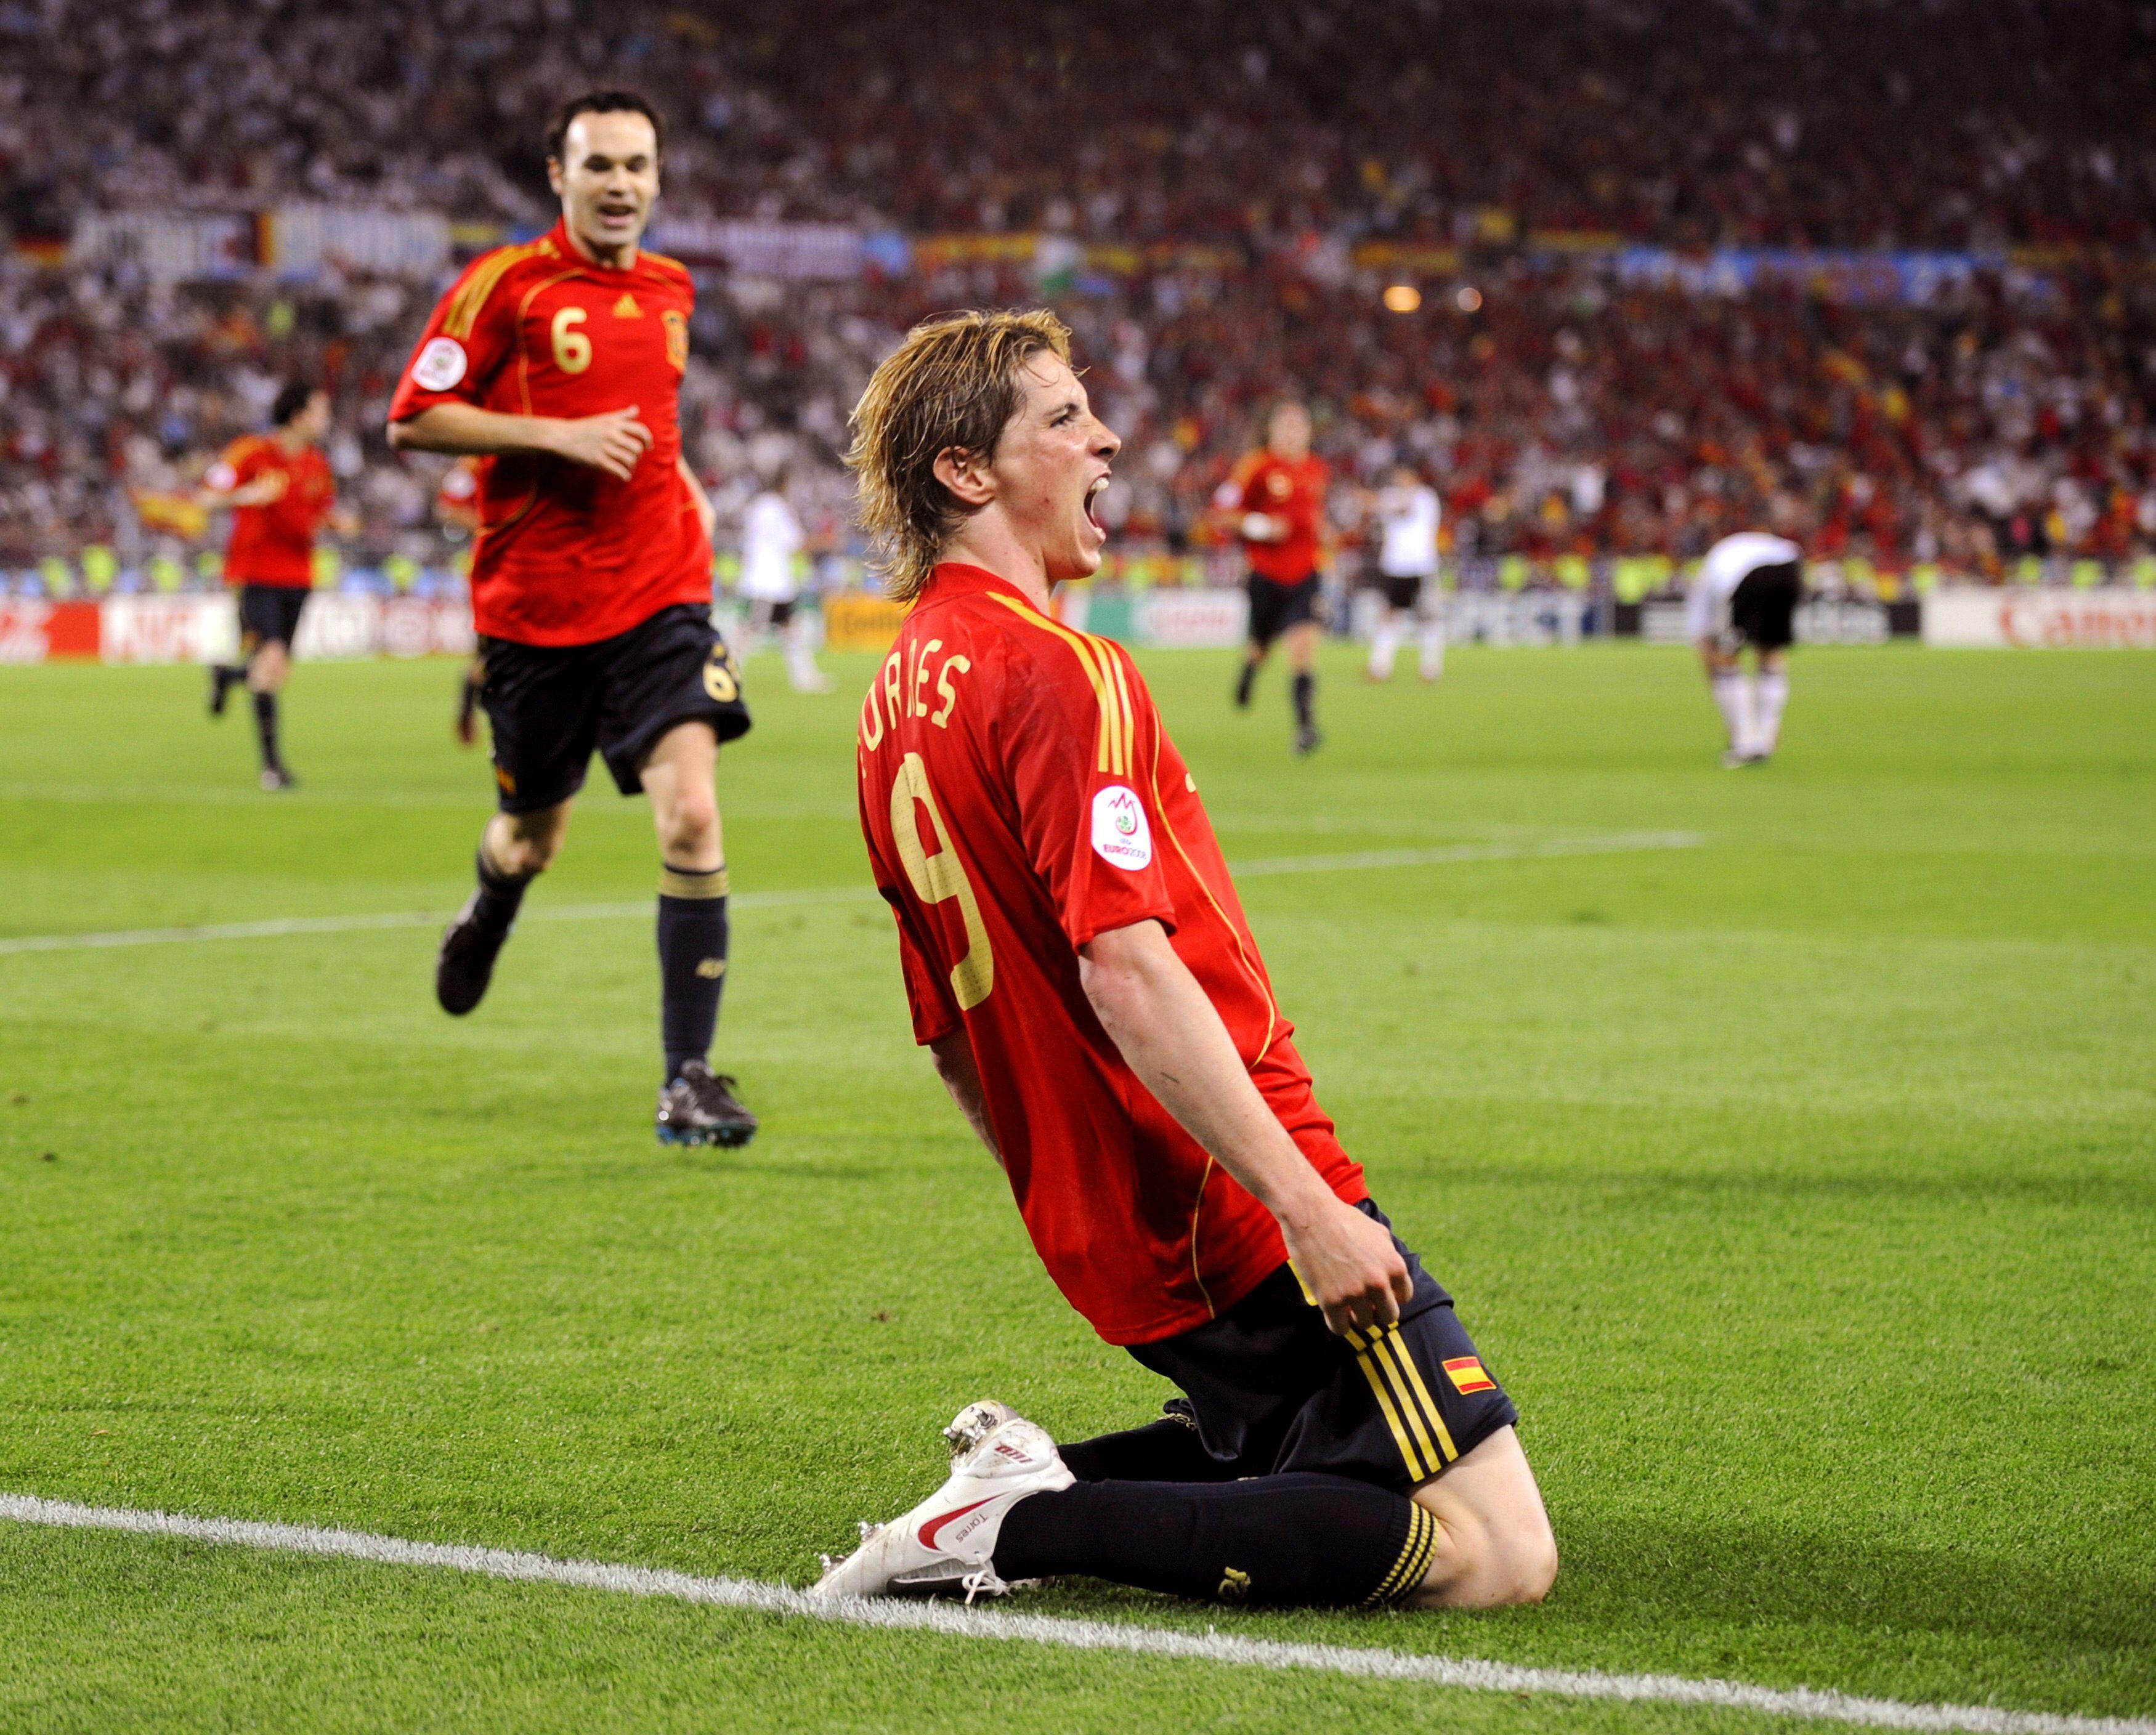 Eurocopa 2012  Vamos Roja a por ellos  My Spanish in Spain